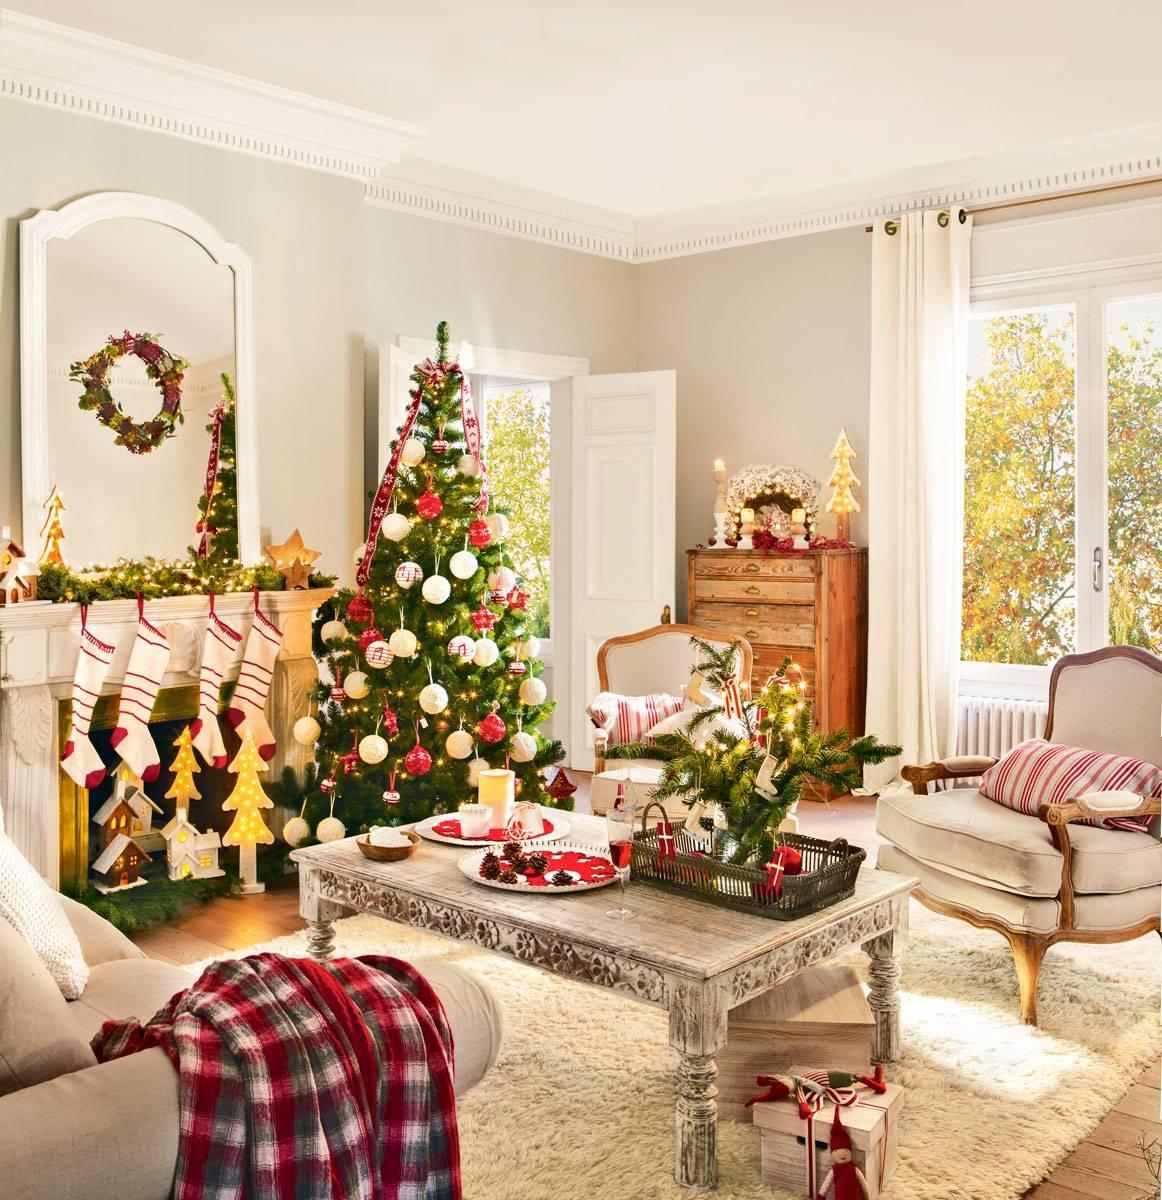 arbol de navidad junto chimenea con calcetines 394990 73b7af3d 1162x1200 1 - Christmas decorative styles